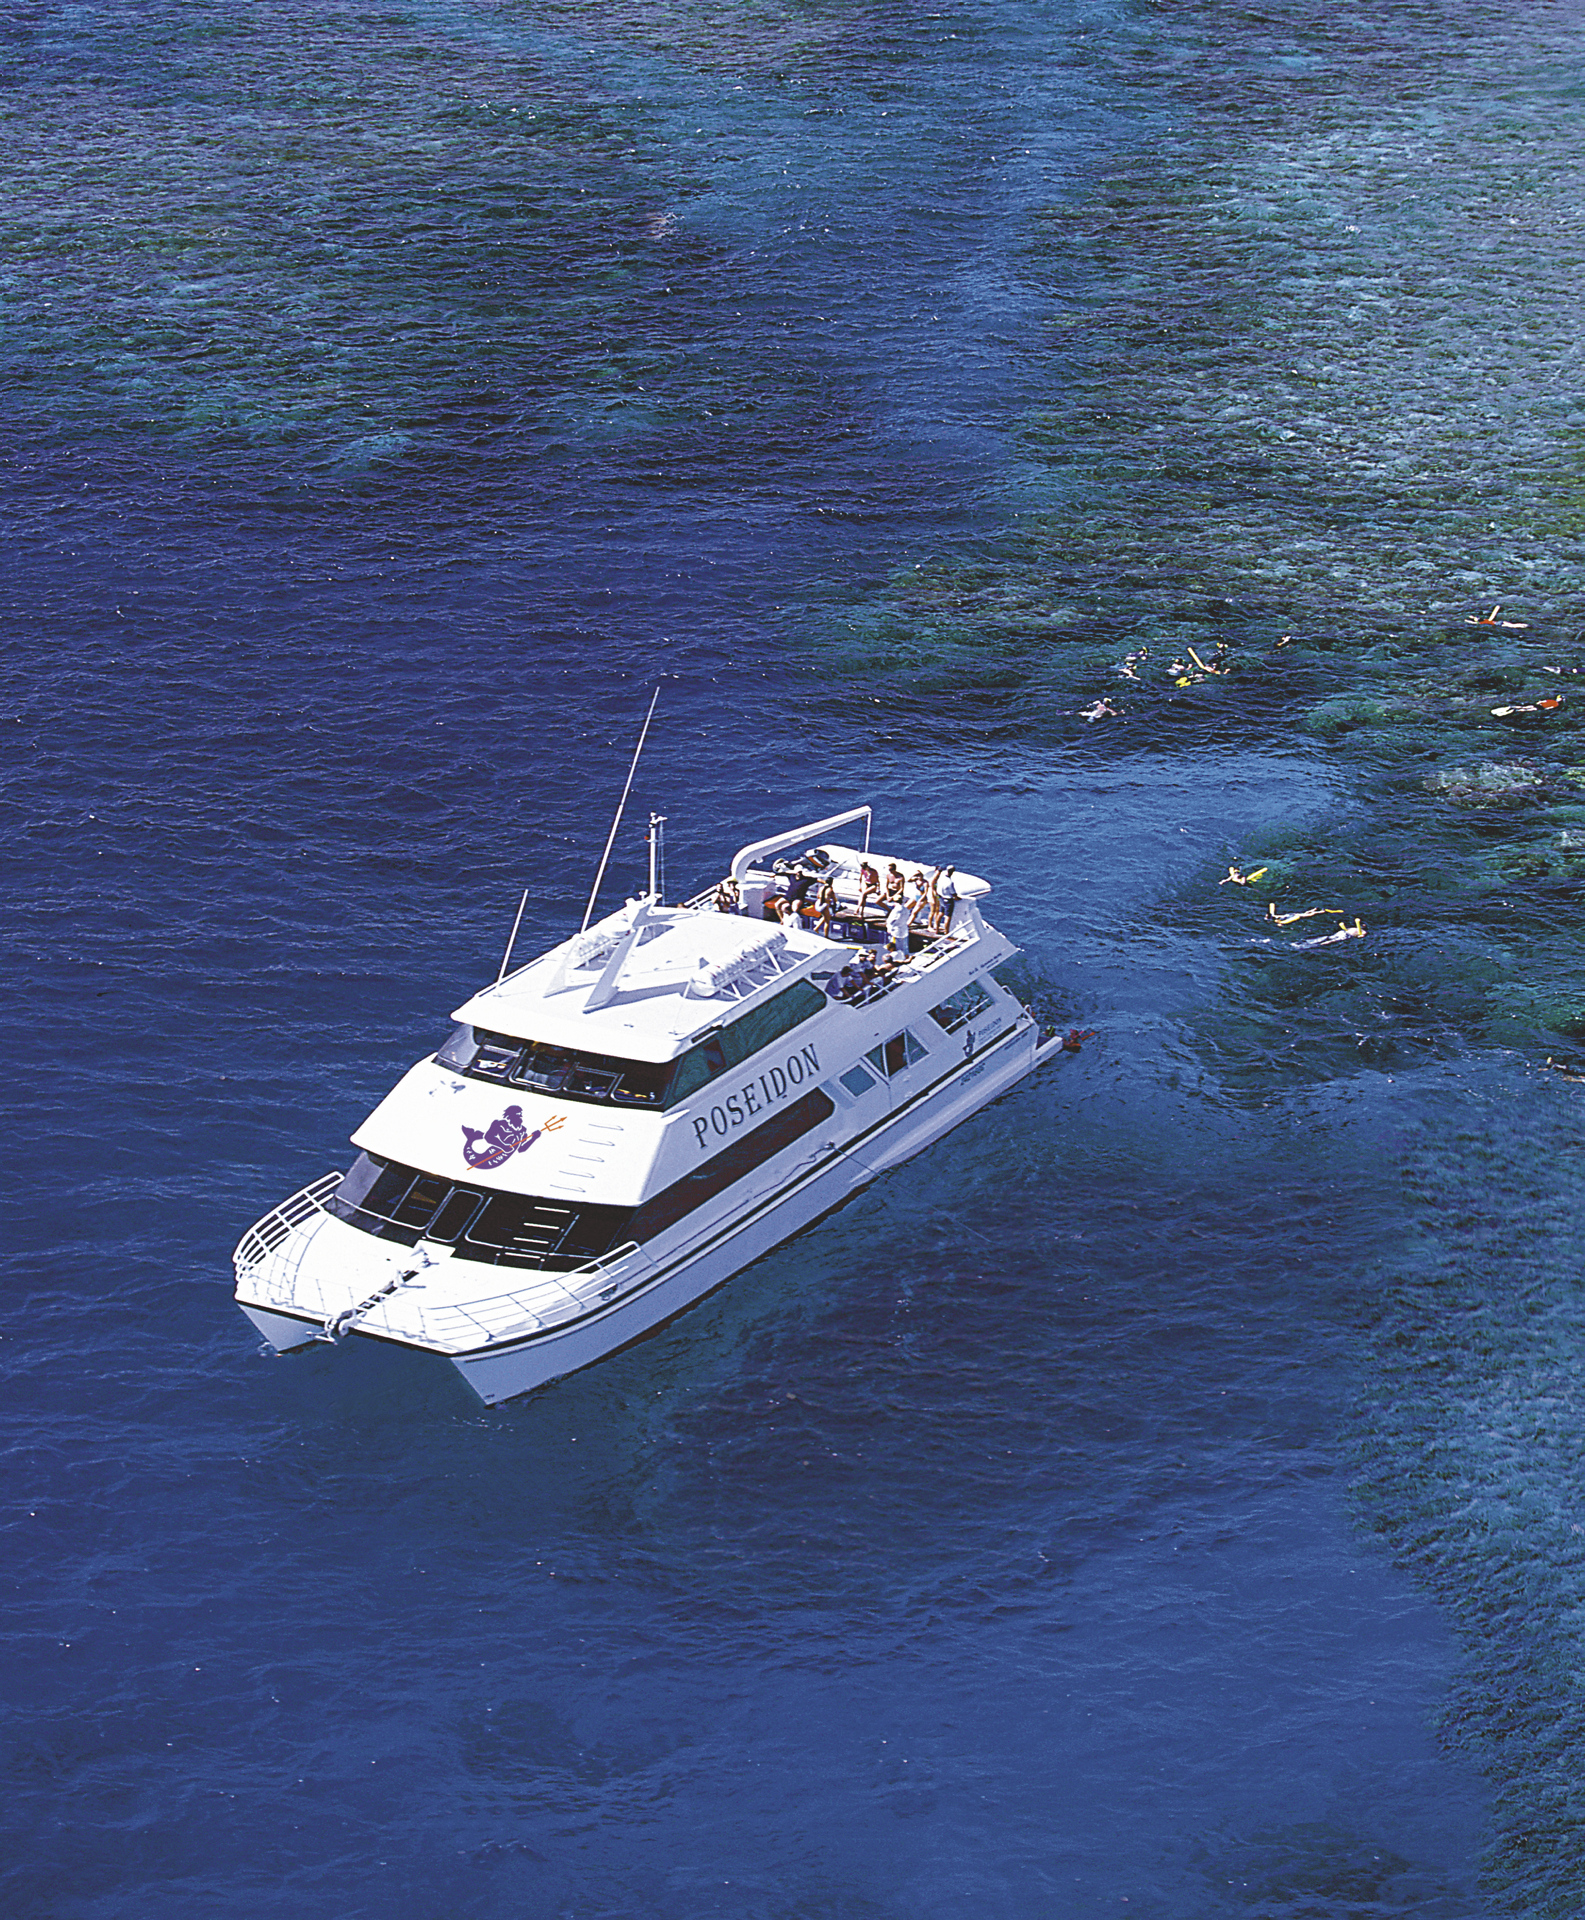 Poseidon am Great Barrier Reef